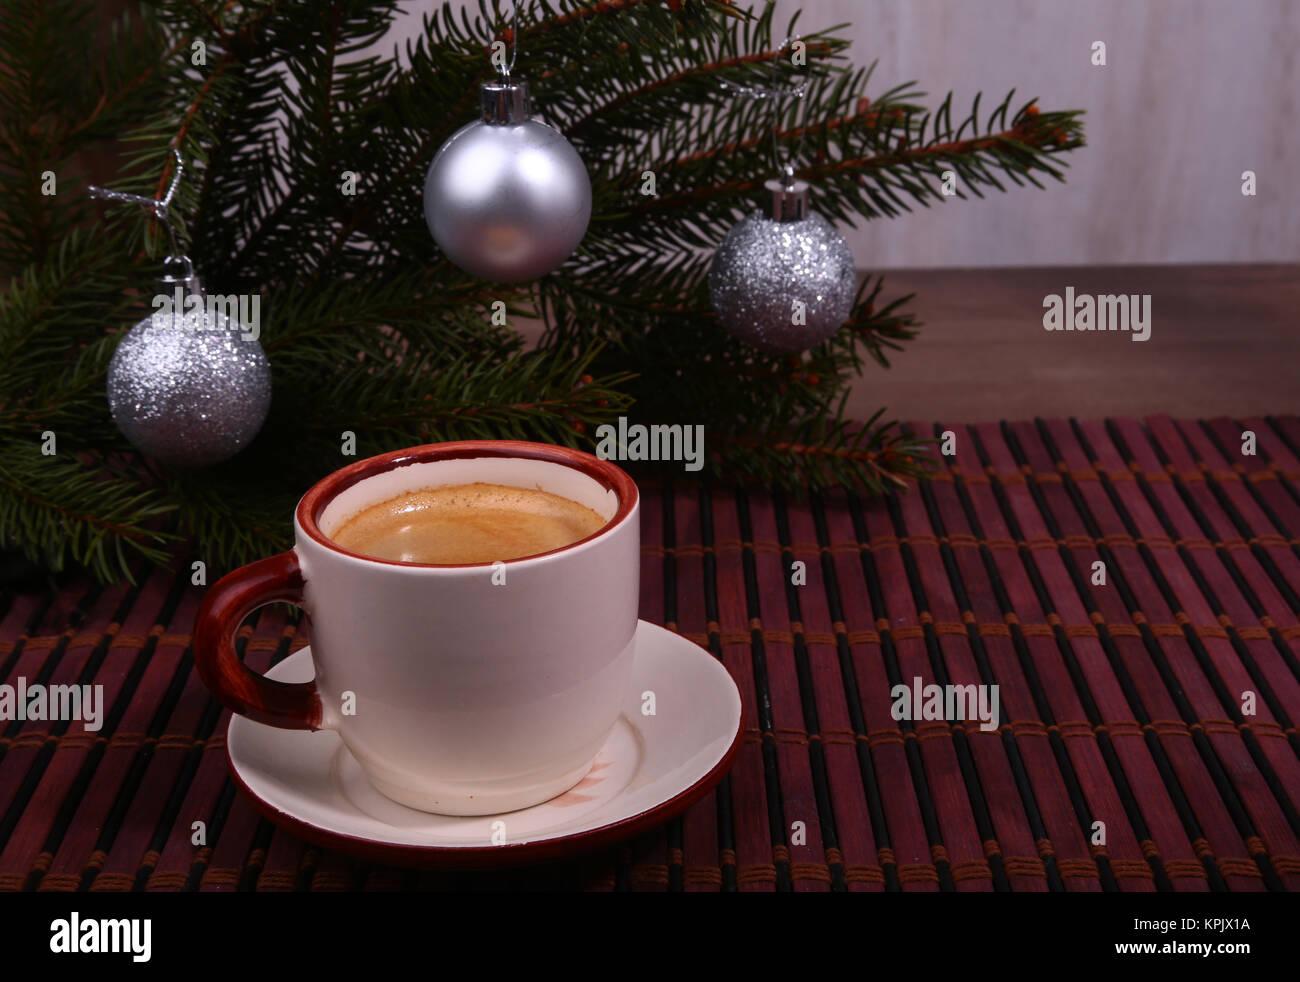 Guten Morgen Oder Schönen Tag Noch Frohe Weihnachten Tasse Kaffee